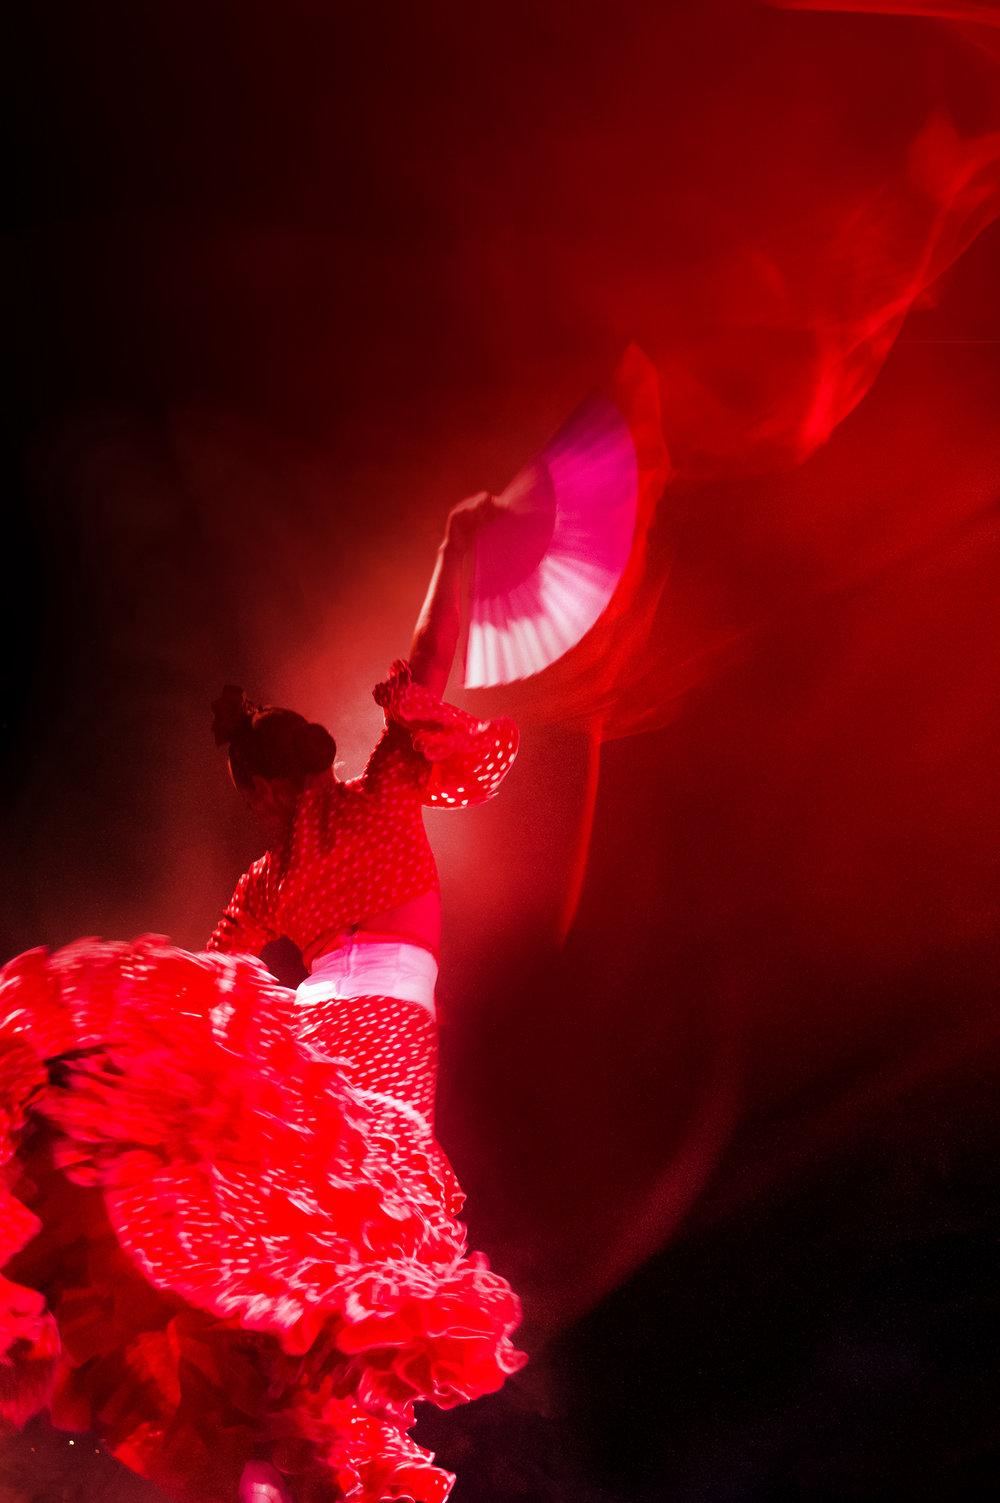 Flamenco_red smoky.jpg